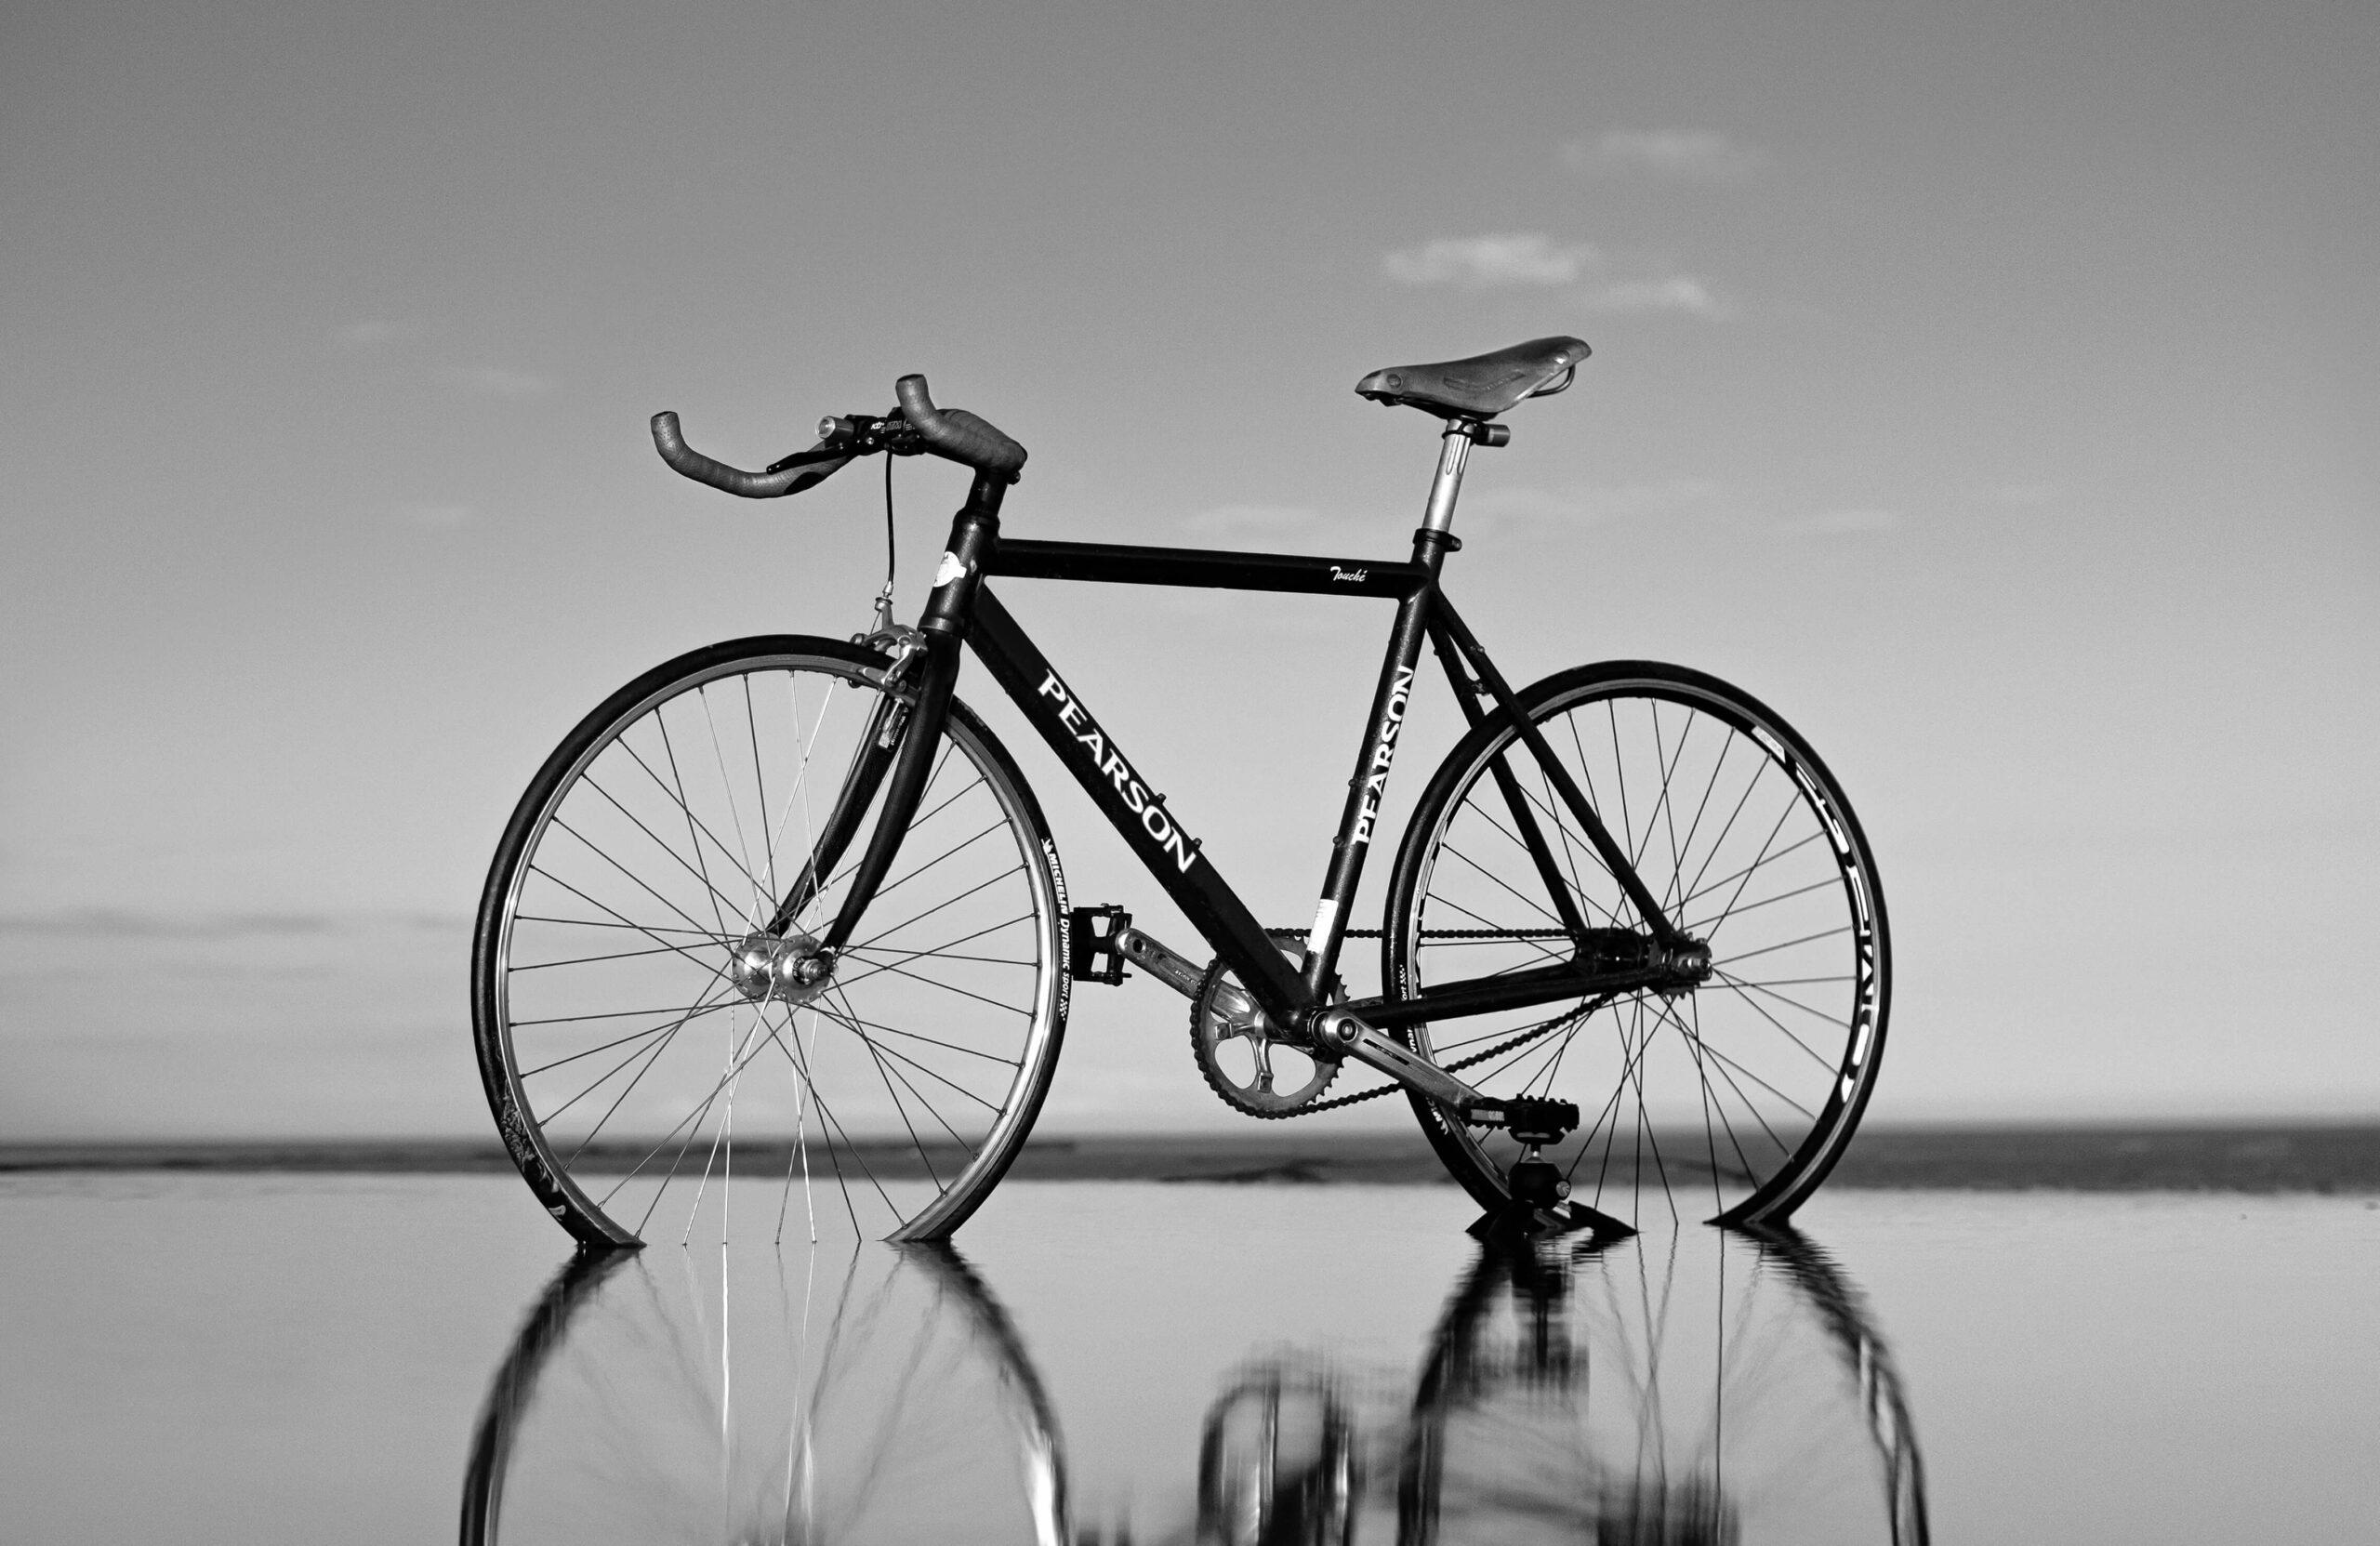 J'ai évité deux tentatives de vol de vélo grâce à mon Tracker GPS